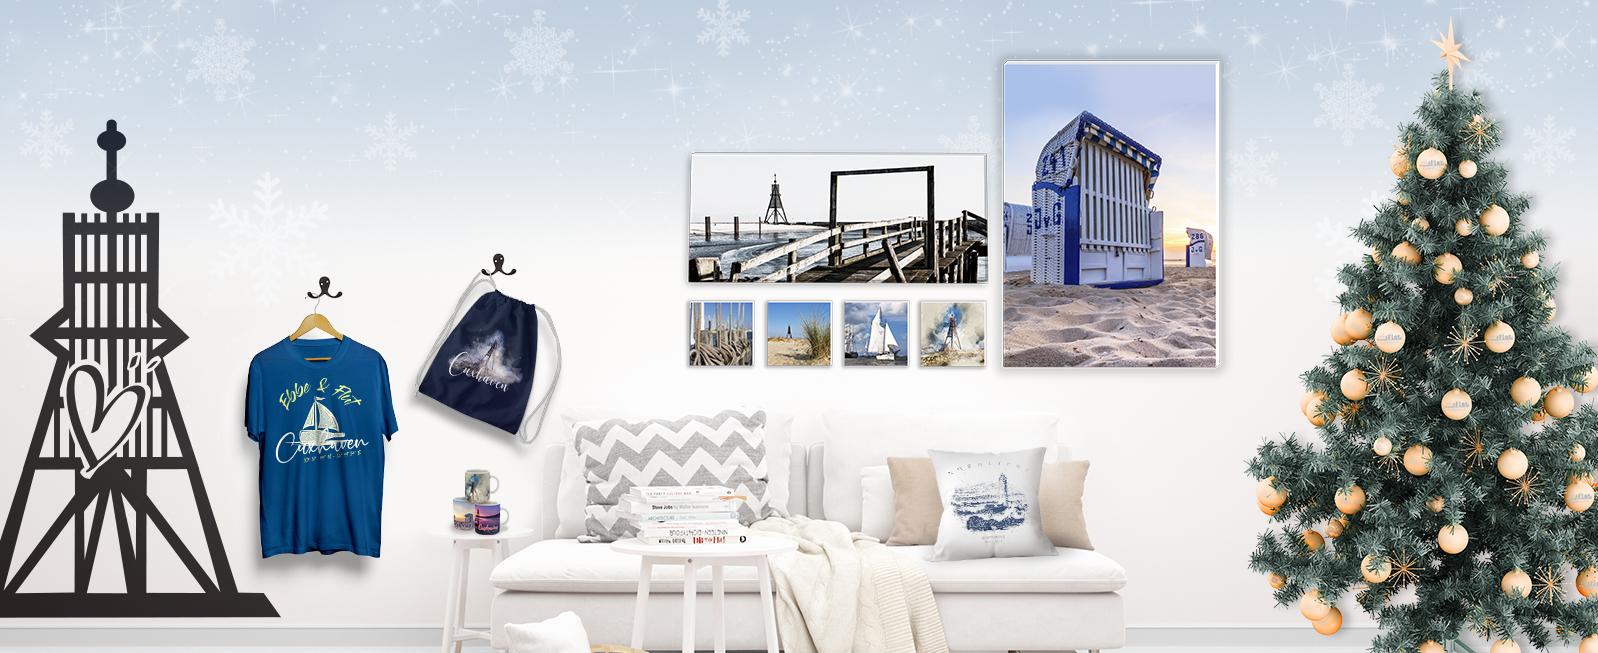 Cuxhaven Geschenkideen und Souvenirs